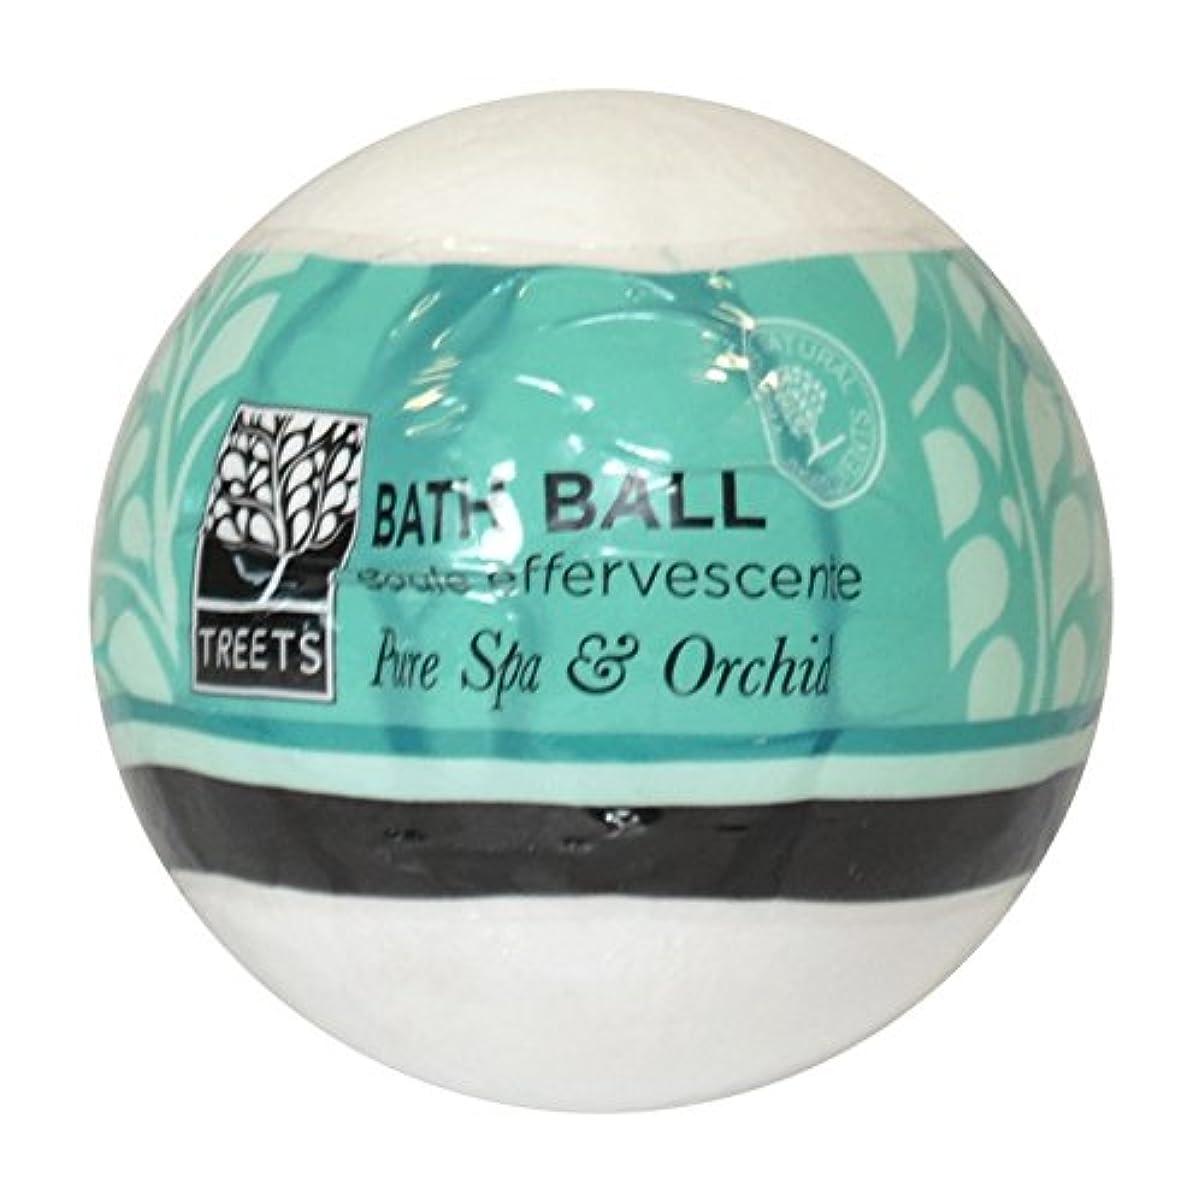 裁判所美的インスタントTreets Orchid & Pure Spa Bath Ball (Pack of 2) - Treets蘭&純粋なスパバスボール (x2) [並行輸入品]